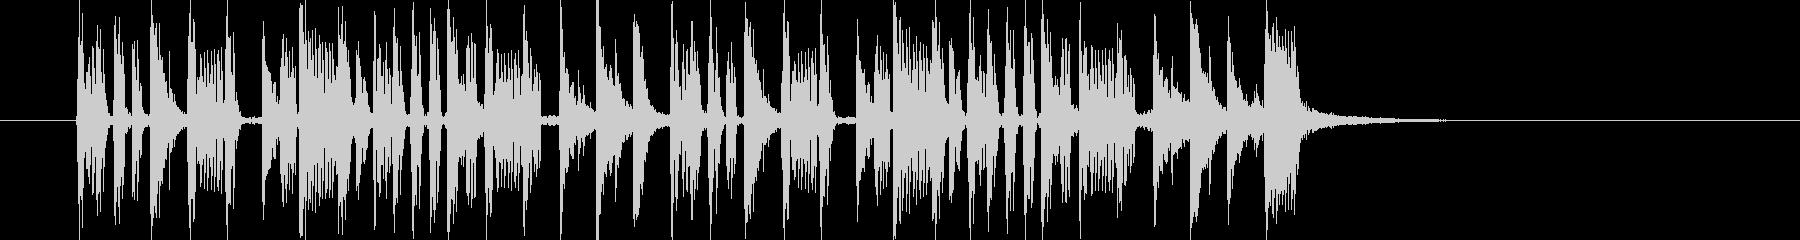 リズミカルでダークなビートジングルの未再生の波形